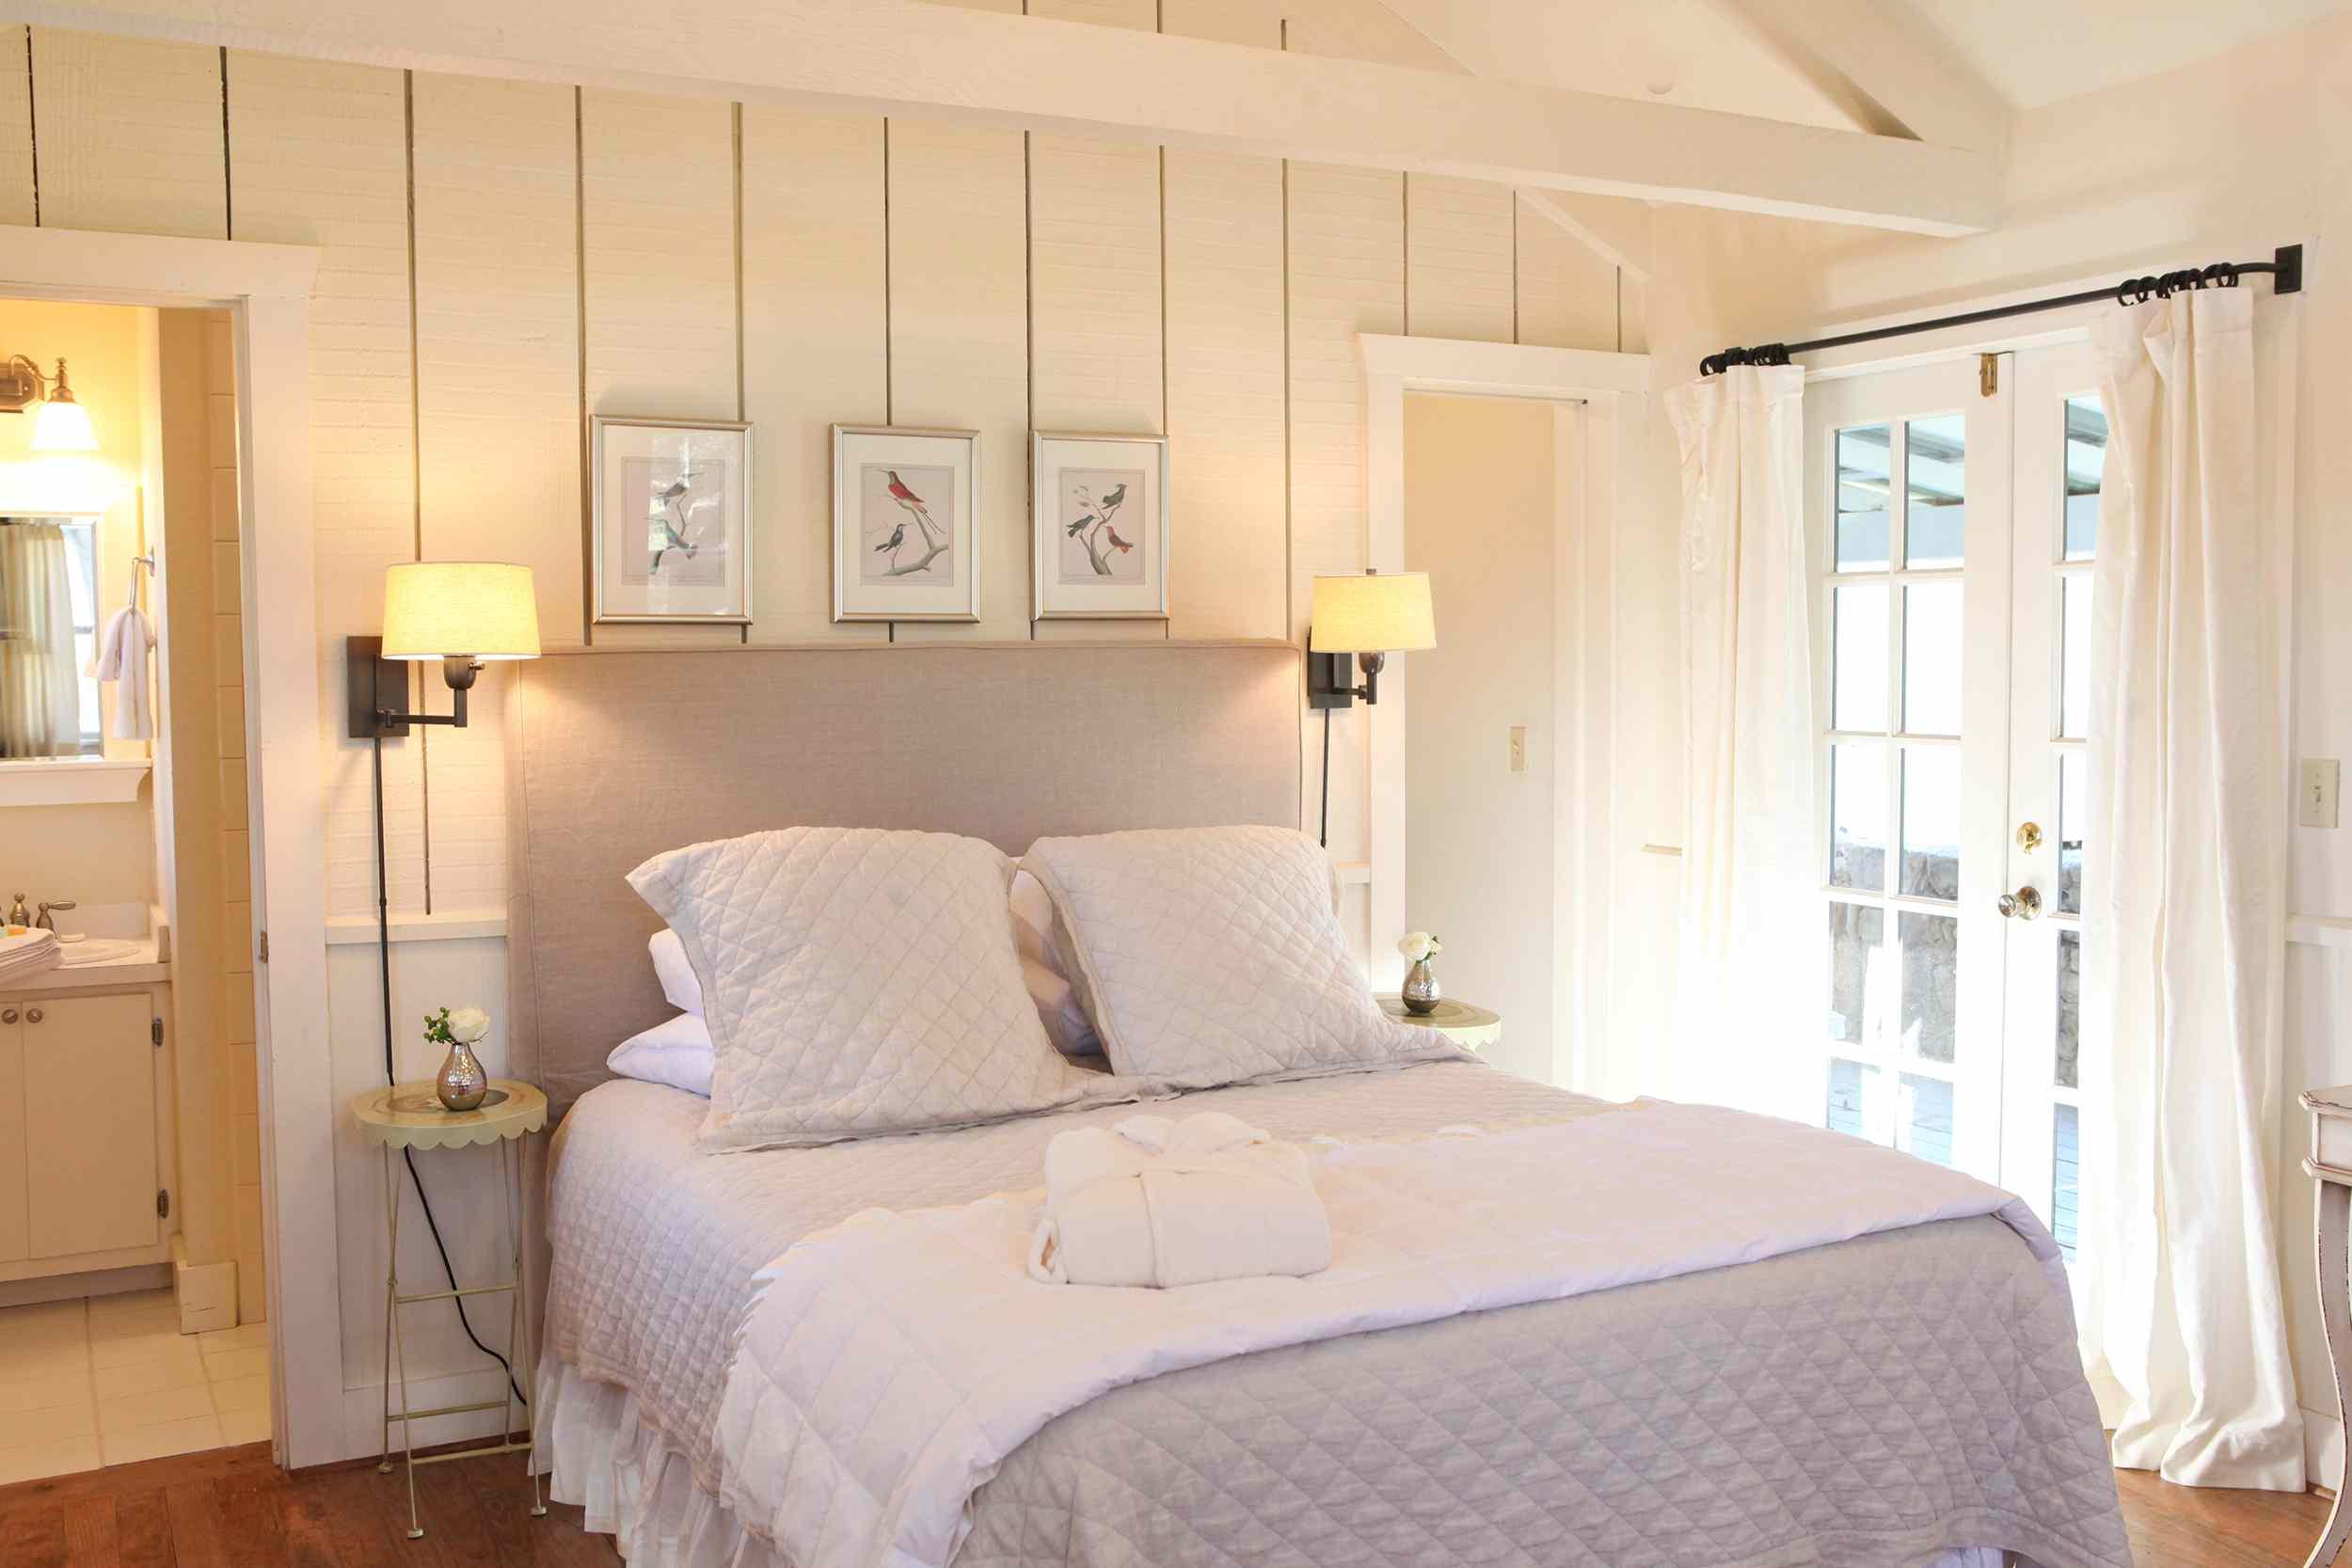 best bed and breakfast destinations - hoffman haus